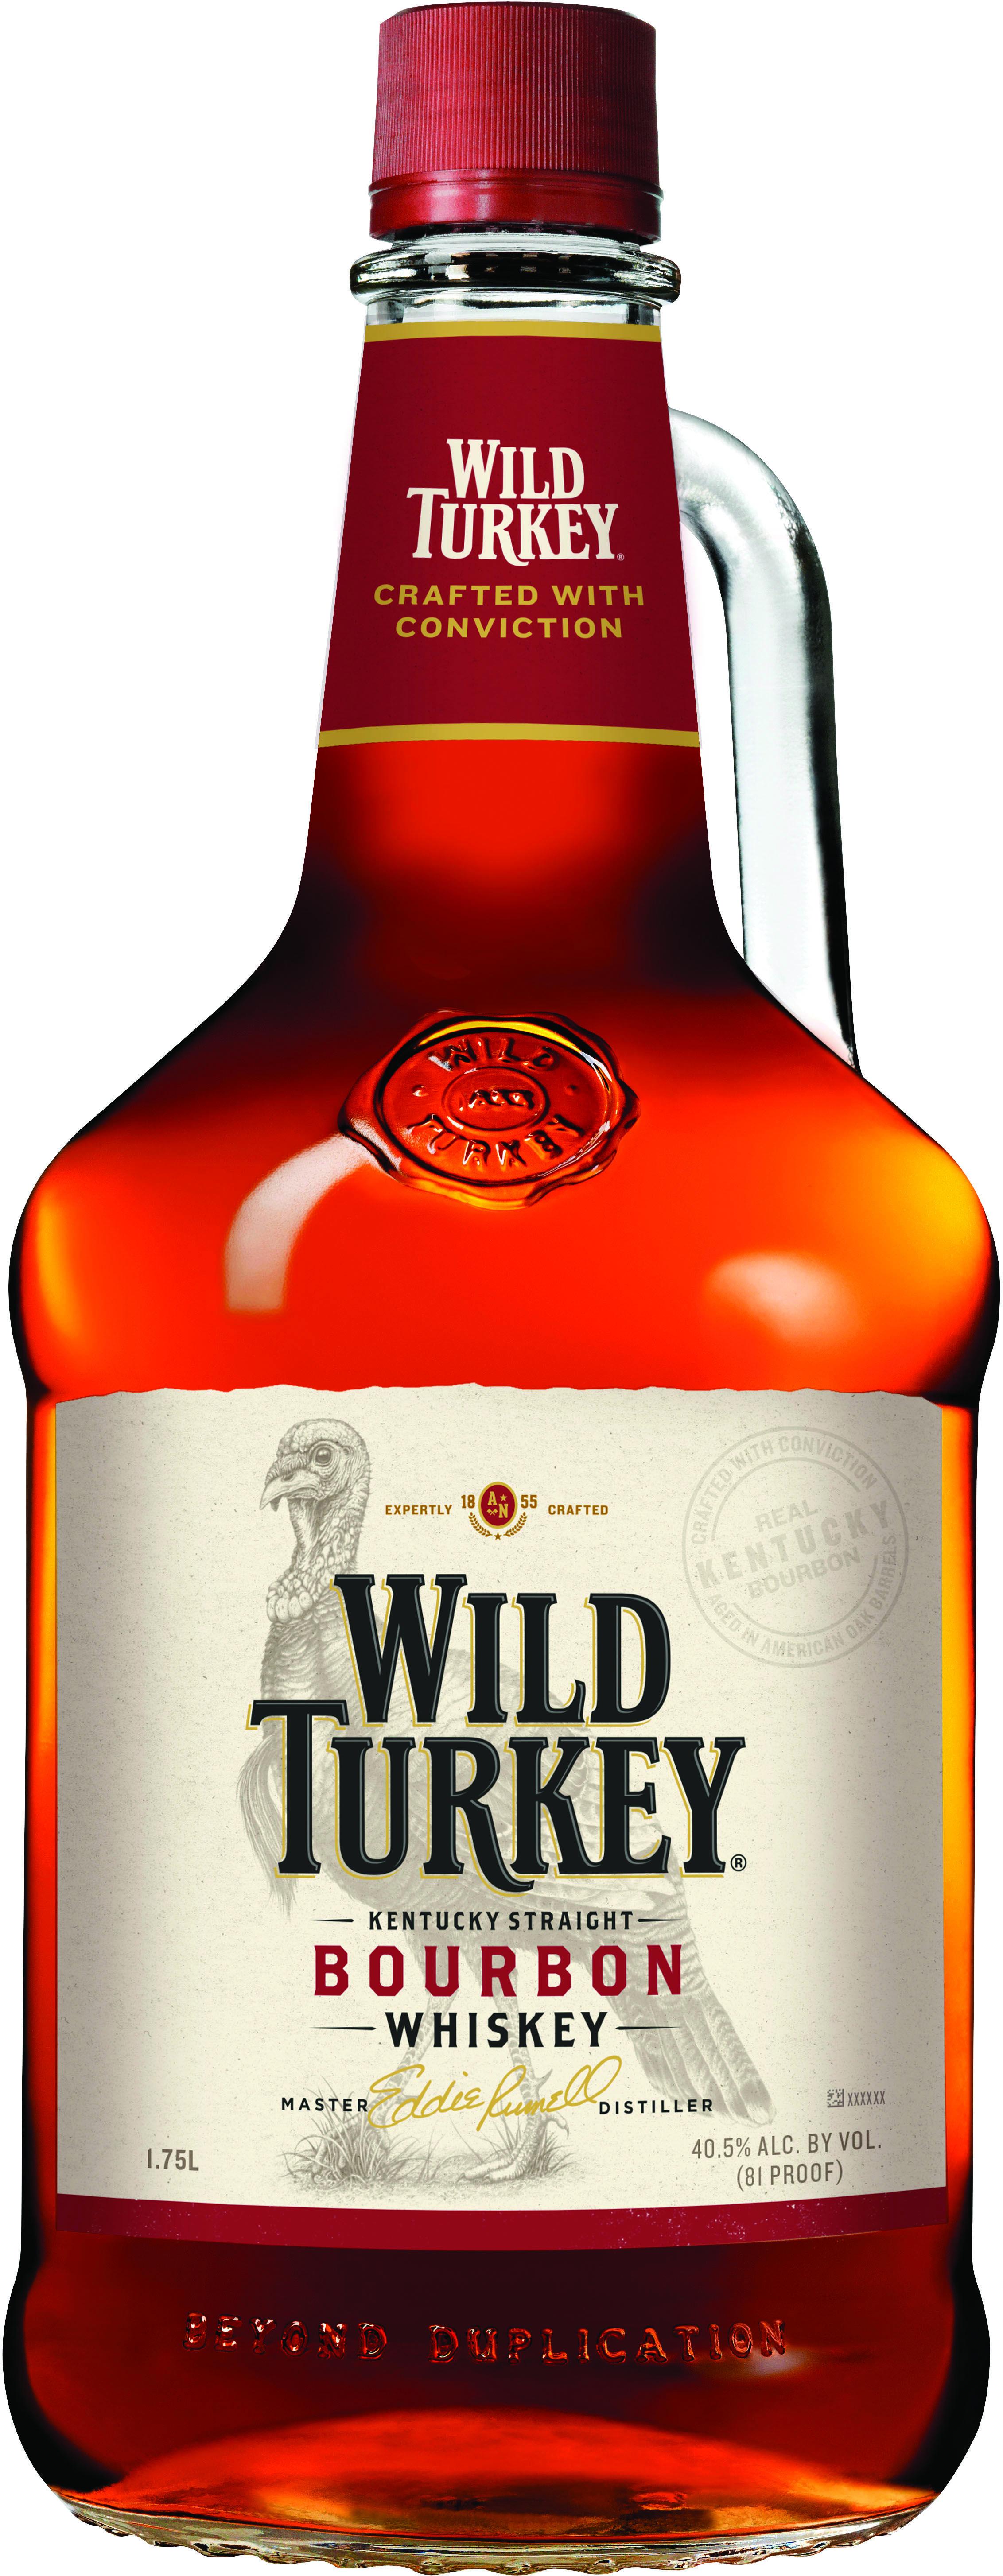 Wild Turkey Bourbon Bourbon Wine And Beer Wild Turkey Bourbon